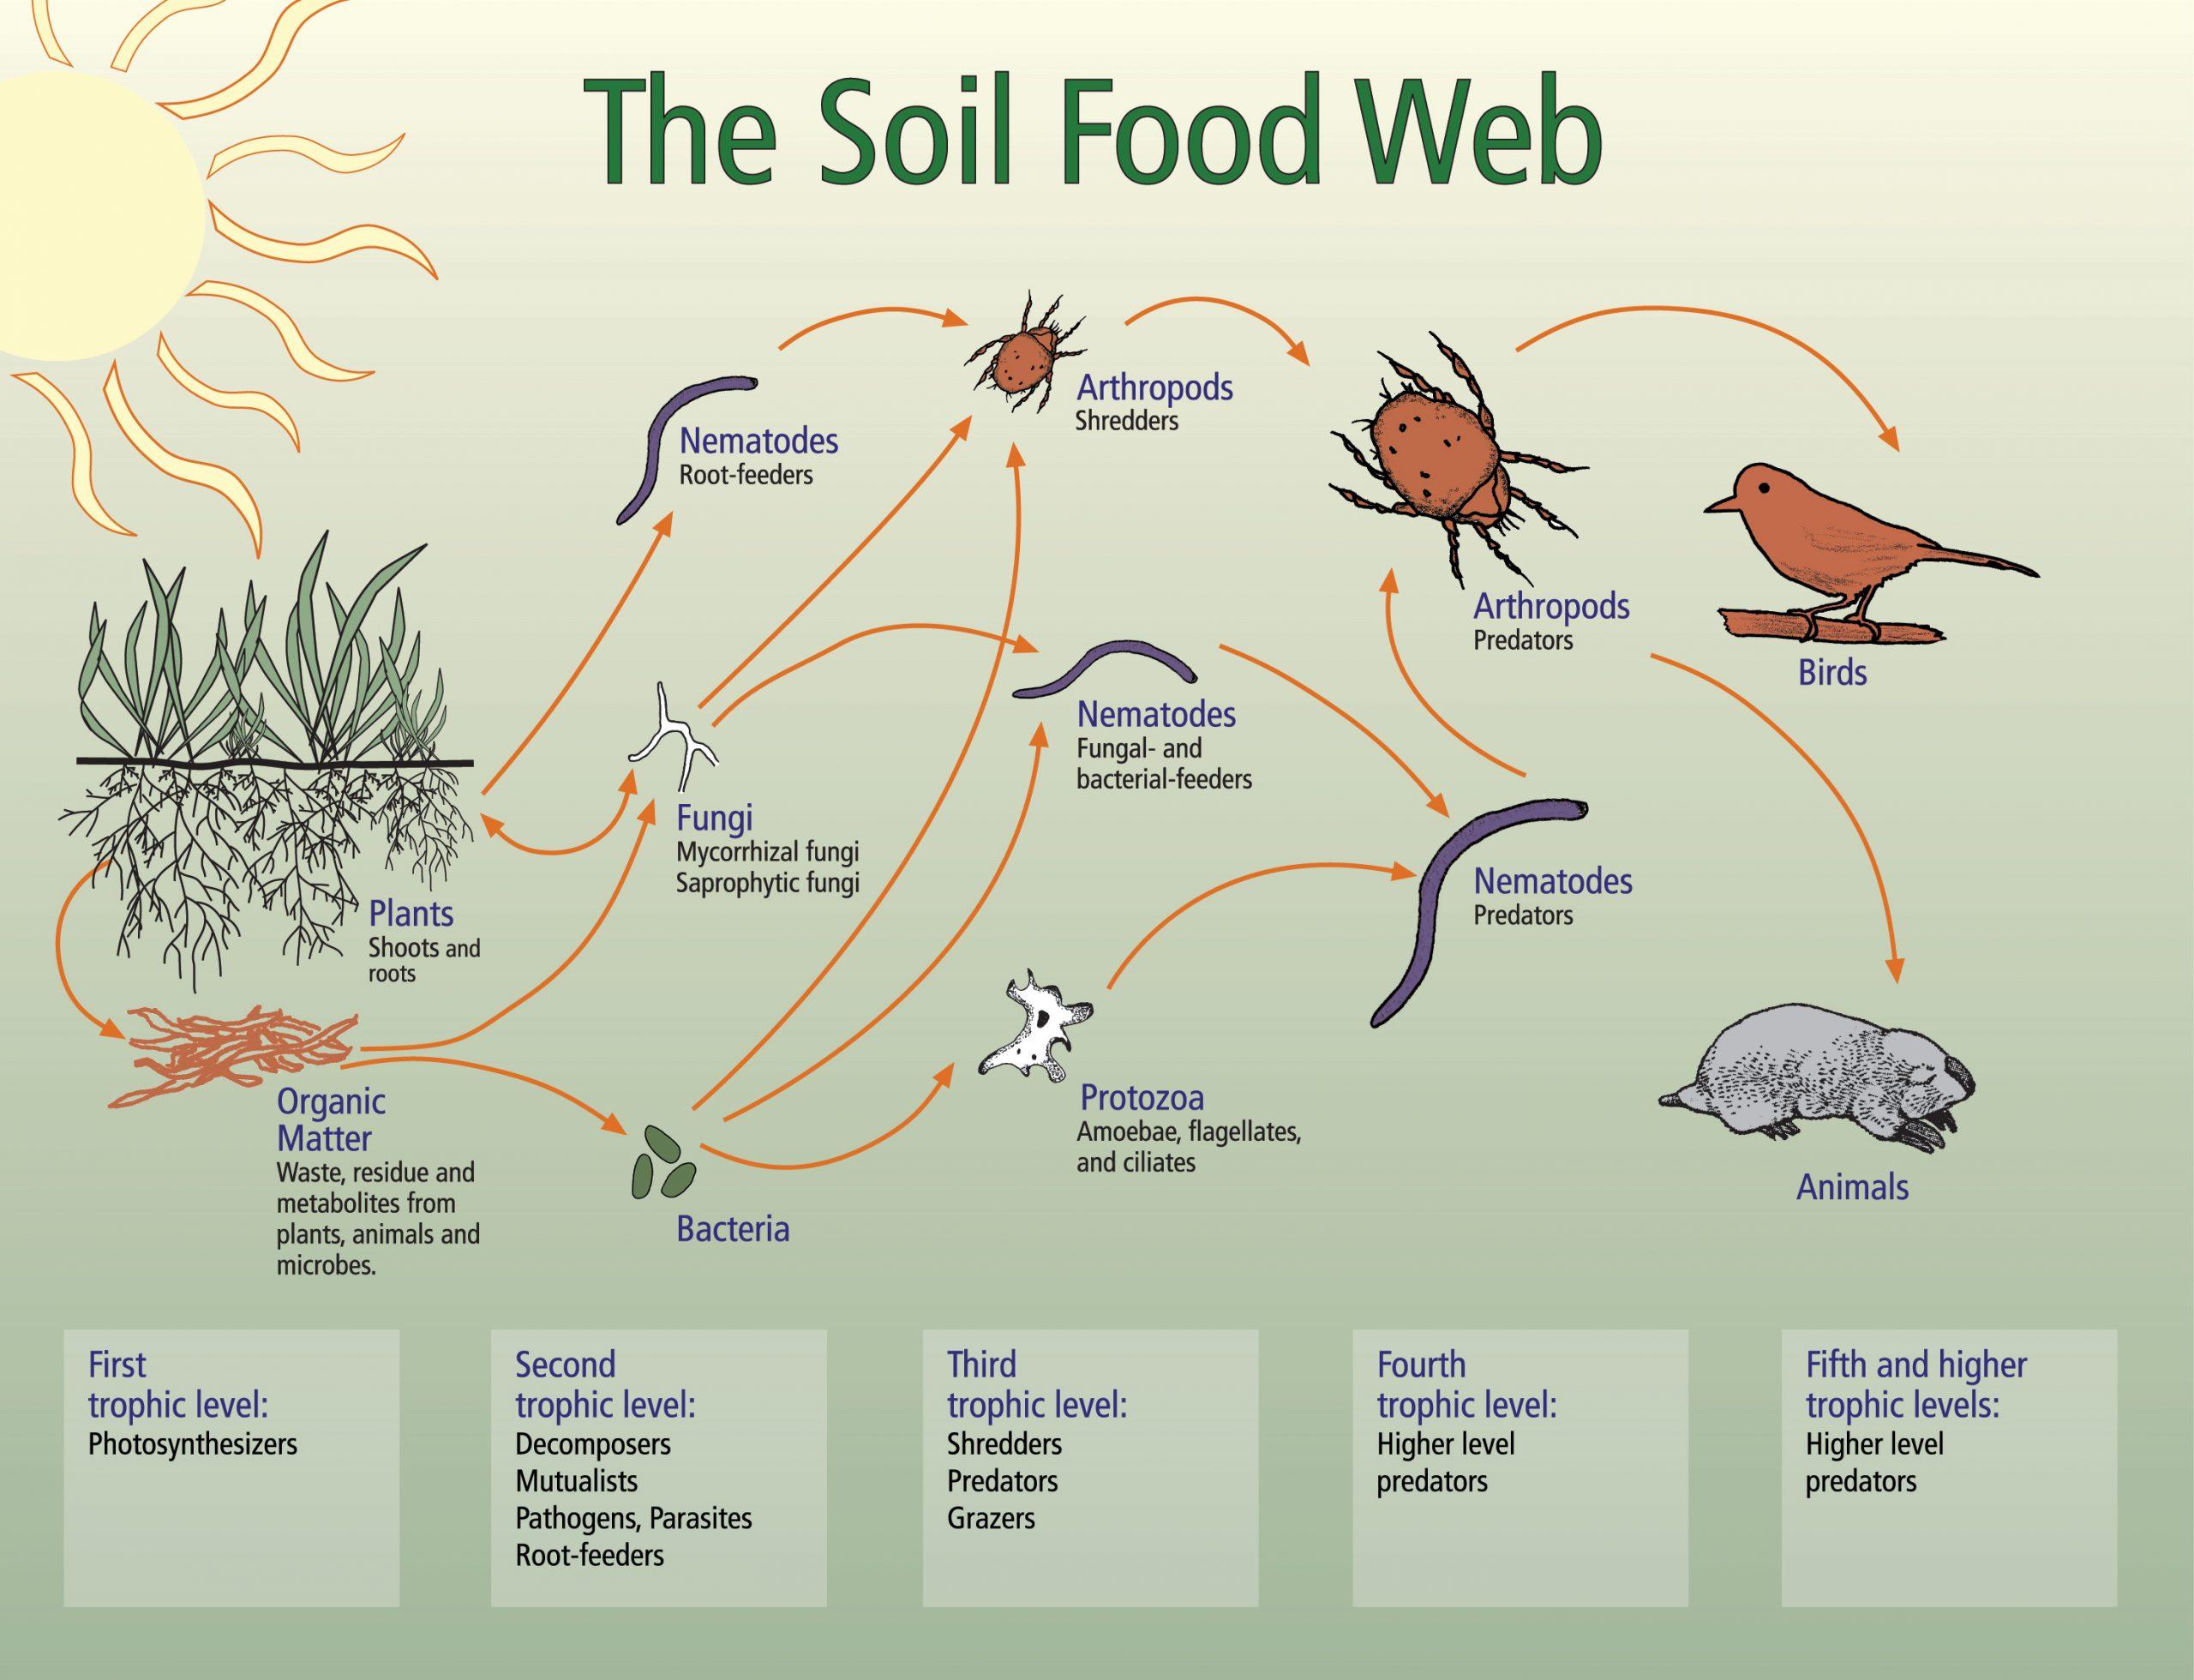 Z dovoljenjem, Image courtesy of USDA Natural Resources Conservation Service https://www.nrcs.usda.gov/wps/portal/nrcs/detailfull/soils/health/biology/?cid=nrcs142p2_053868